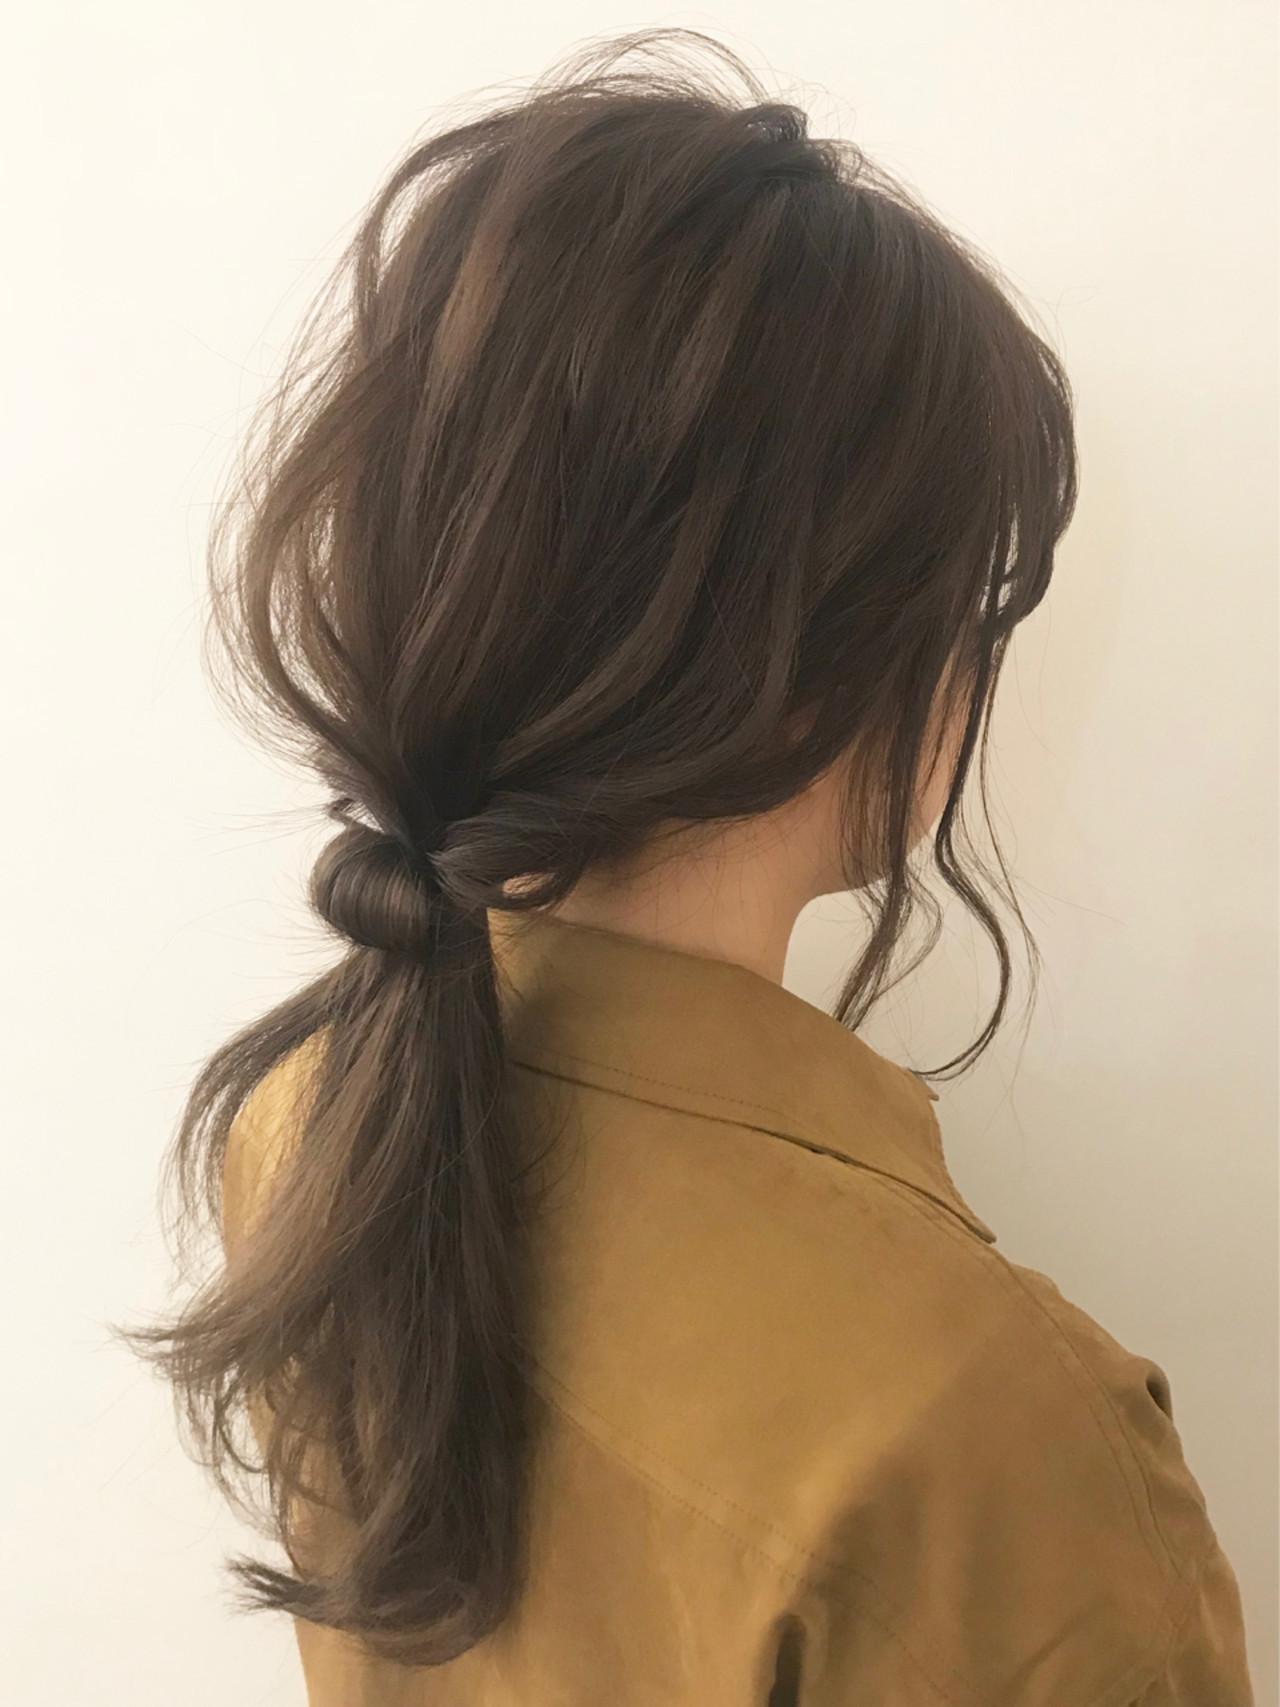 デート ヘアアレンジ ナチュラル 黒髪 ヘアスタイルや髪型の写真・画像